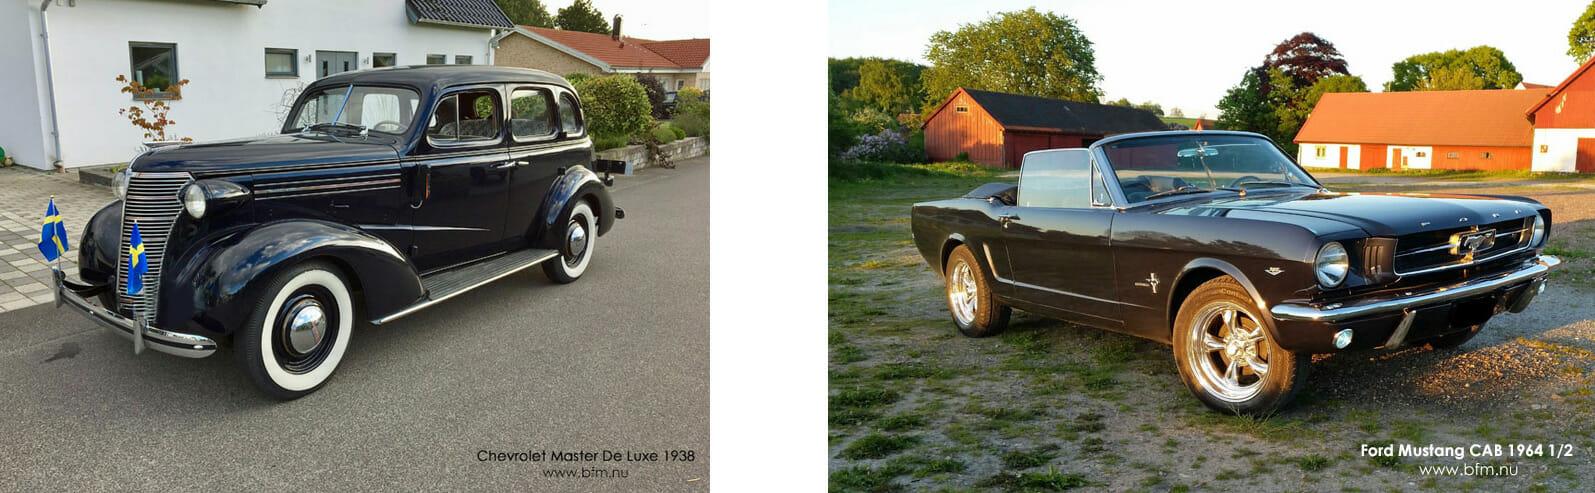 Hyra vetranbil till bröllop i Skåne